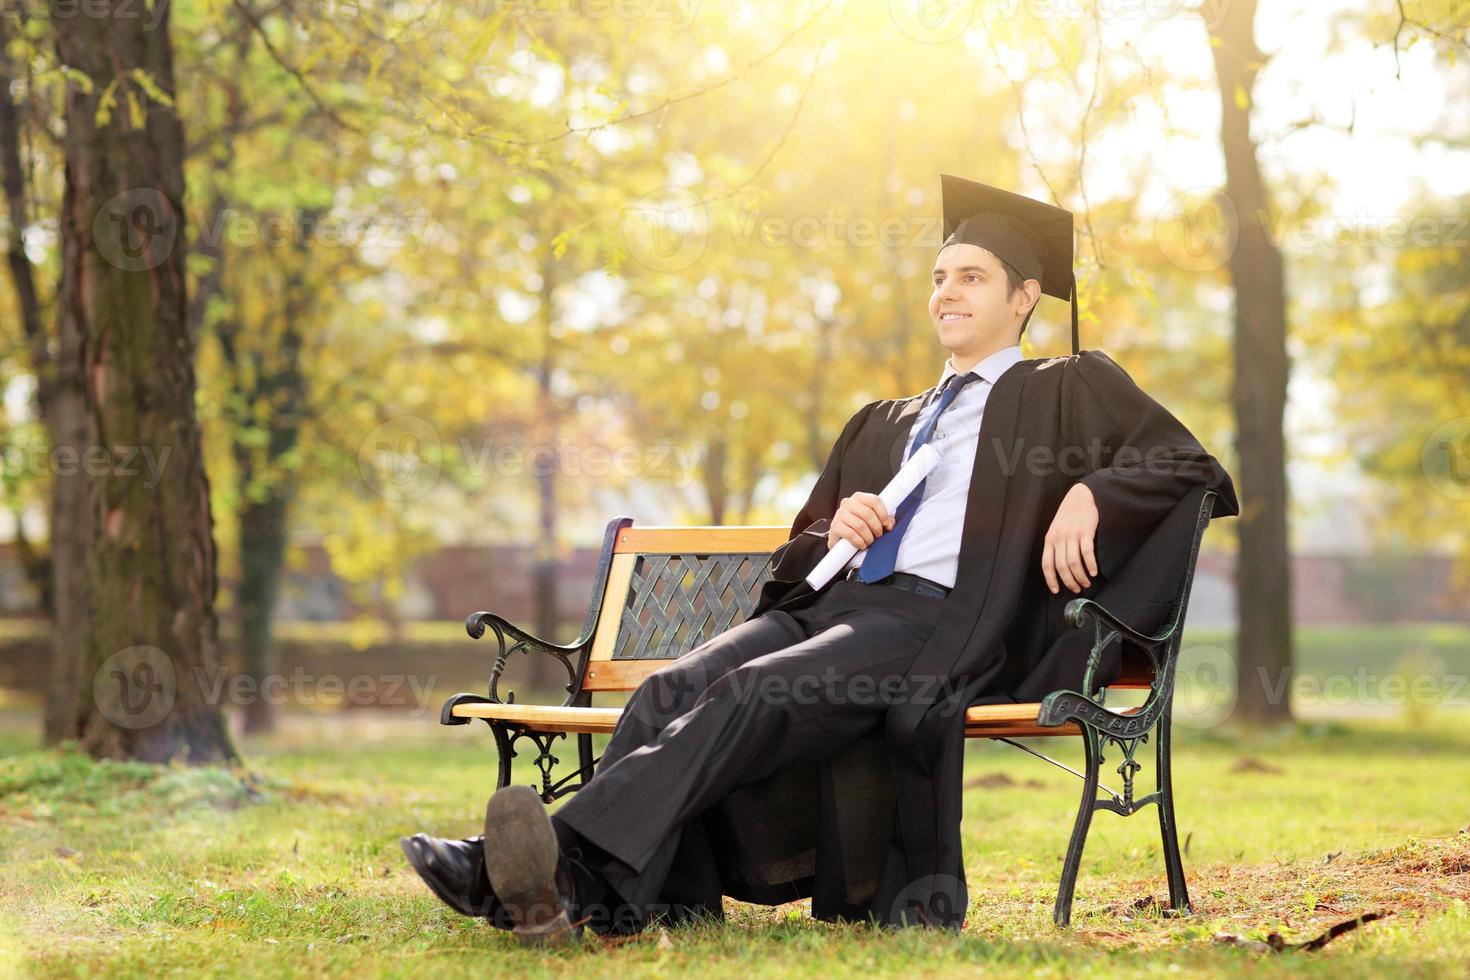 högskoleexamen njuter i parken foto